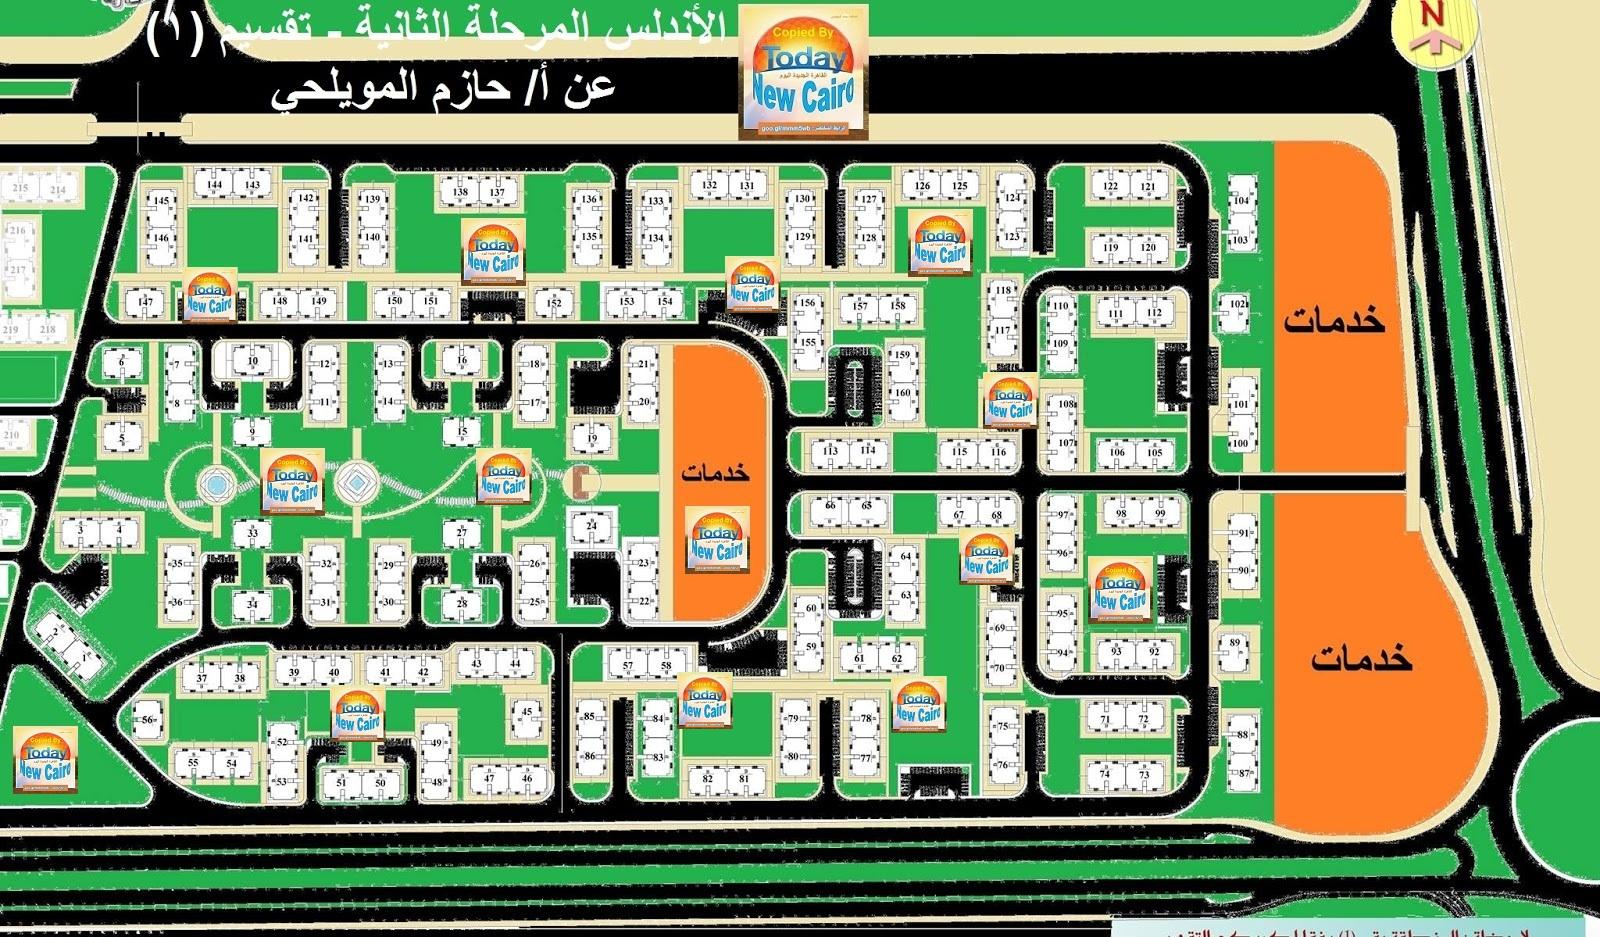 القاهرة الجديدة اليوم دليلك للتعرف على عمارتك بمشروع دار مصر